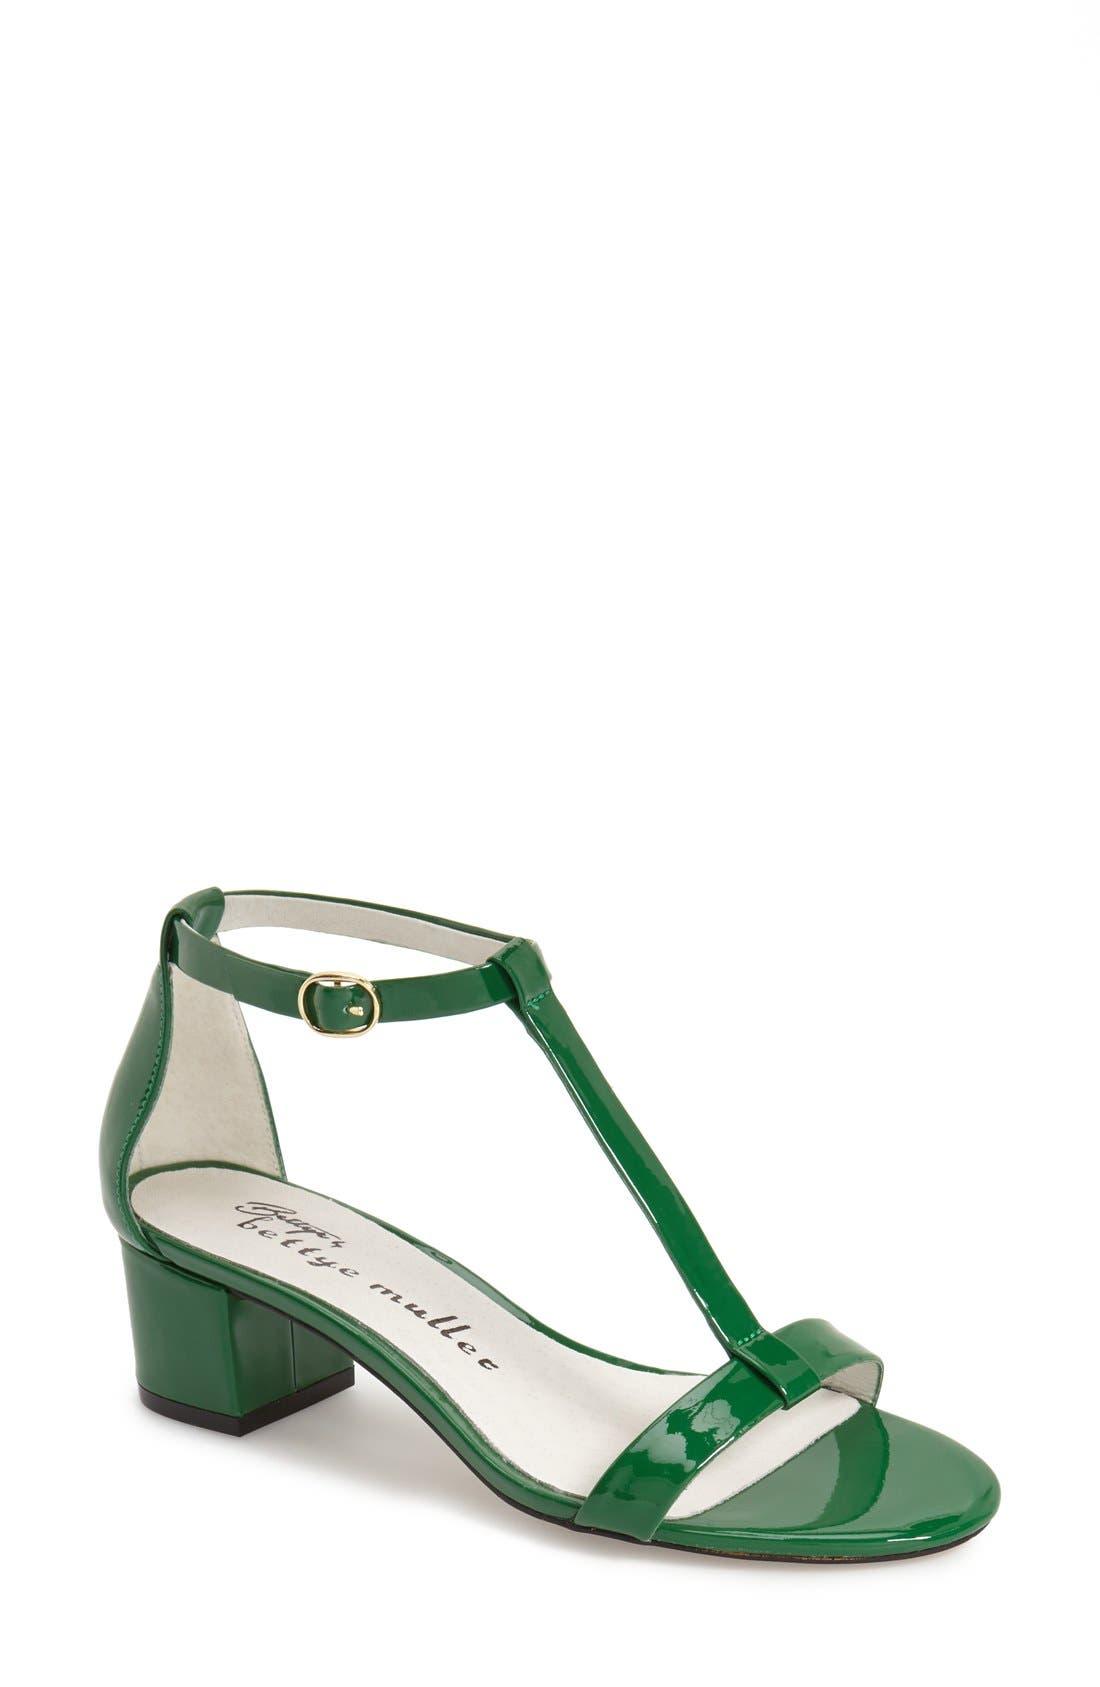 Main Image - Bettye by Bettye Muller 'Boutique' Sandal (Women)